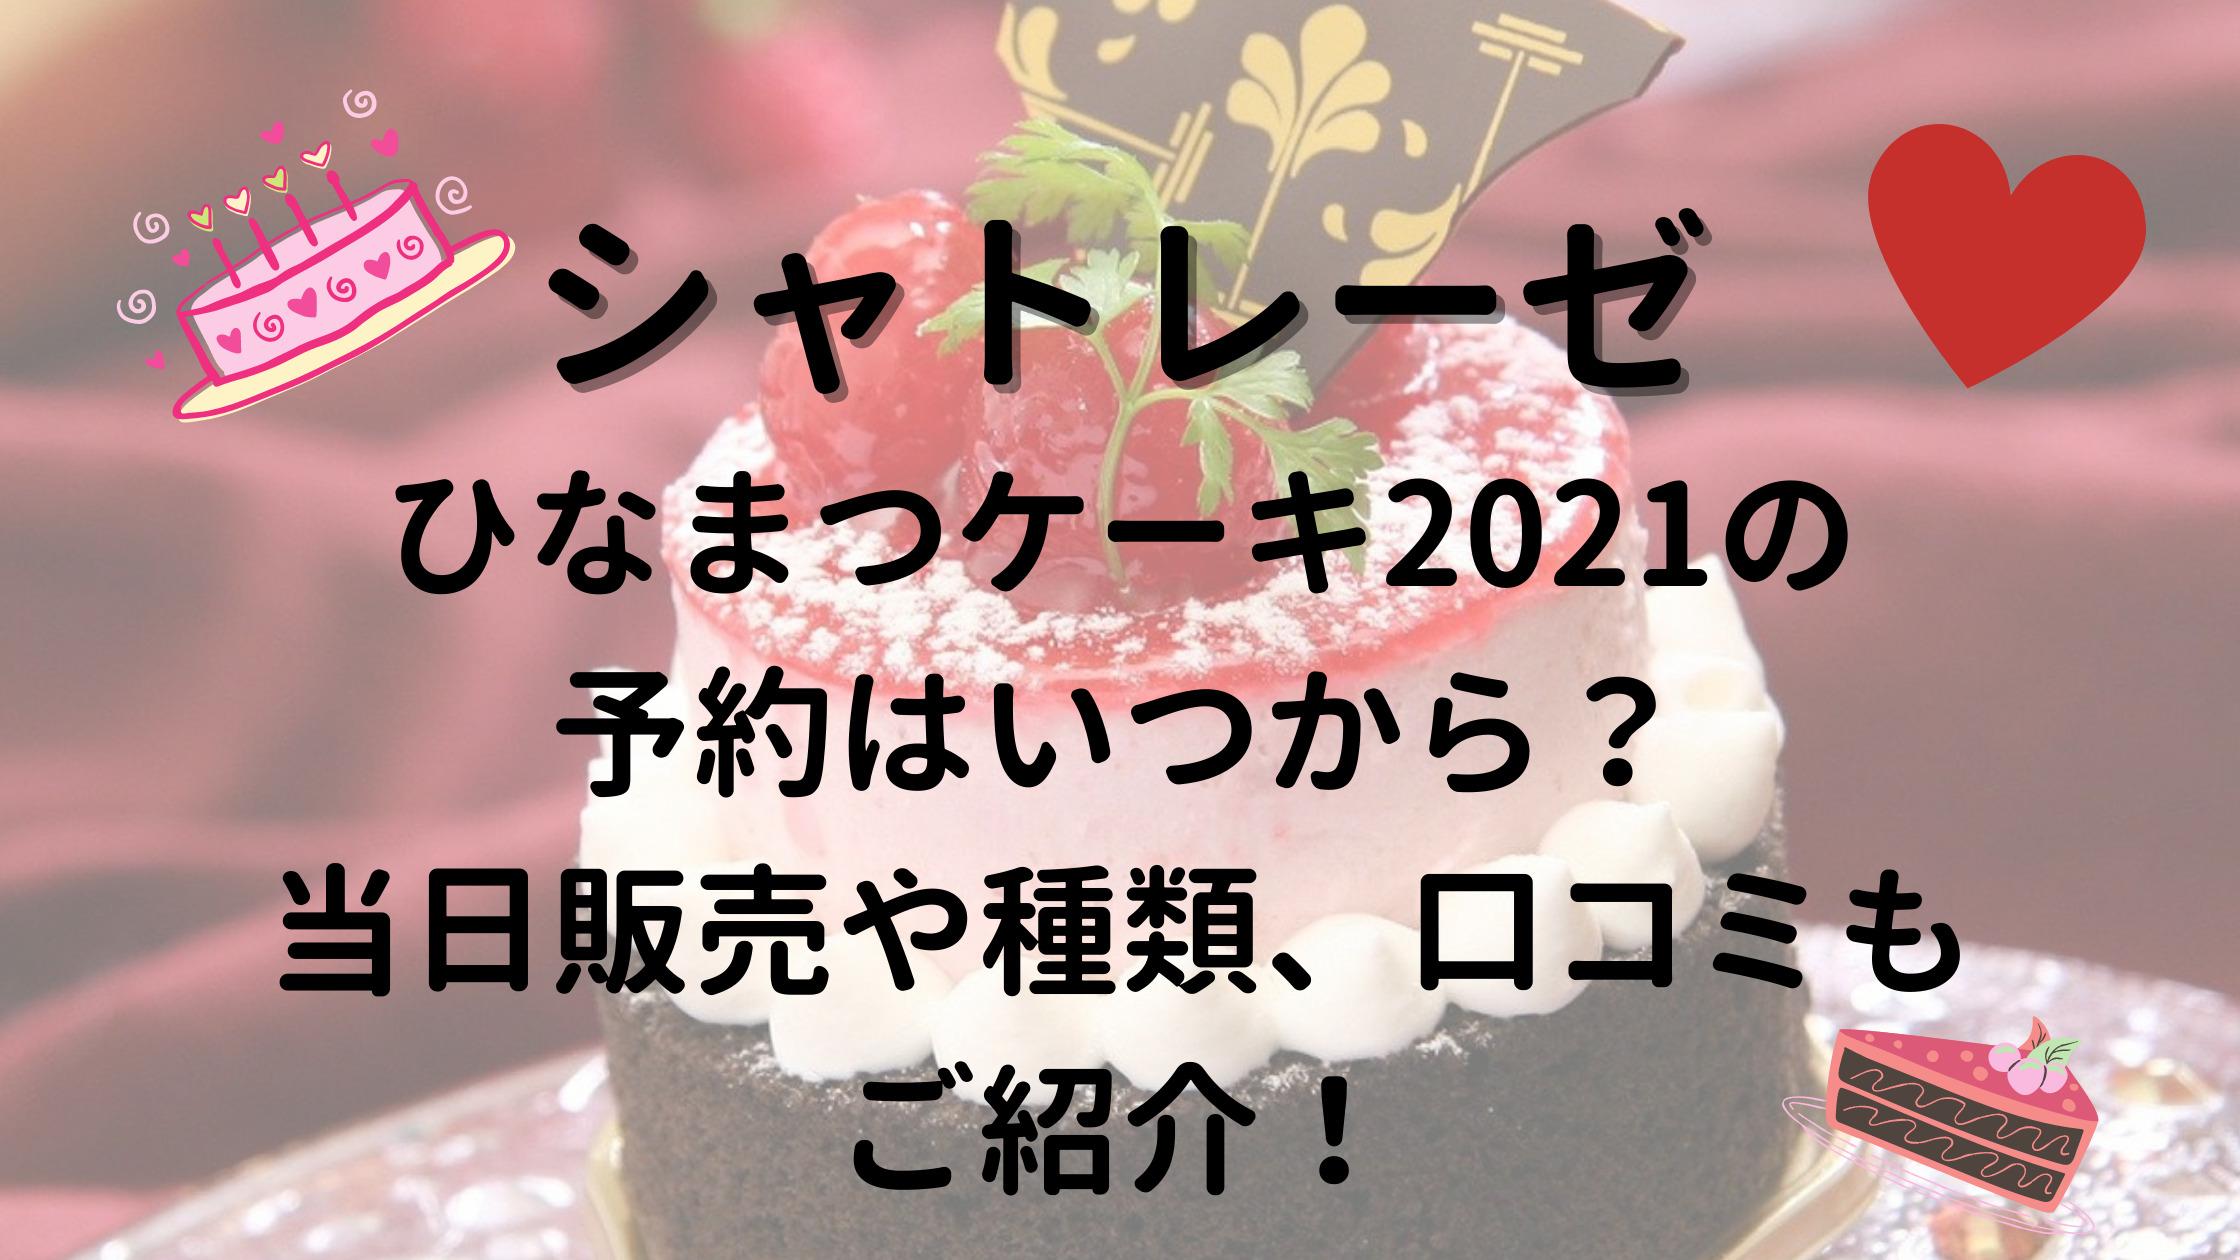 ひな祭り ケーキ 2021